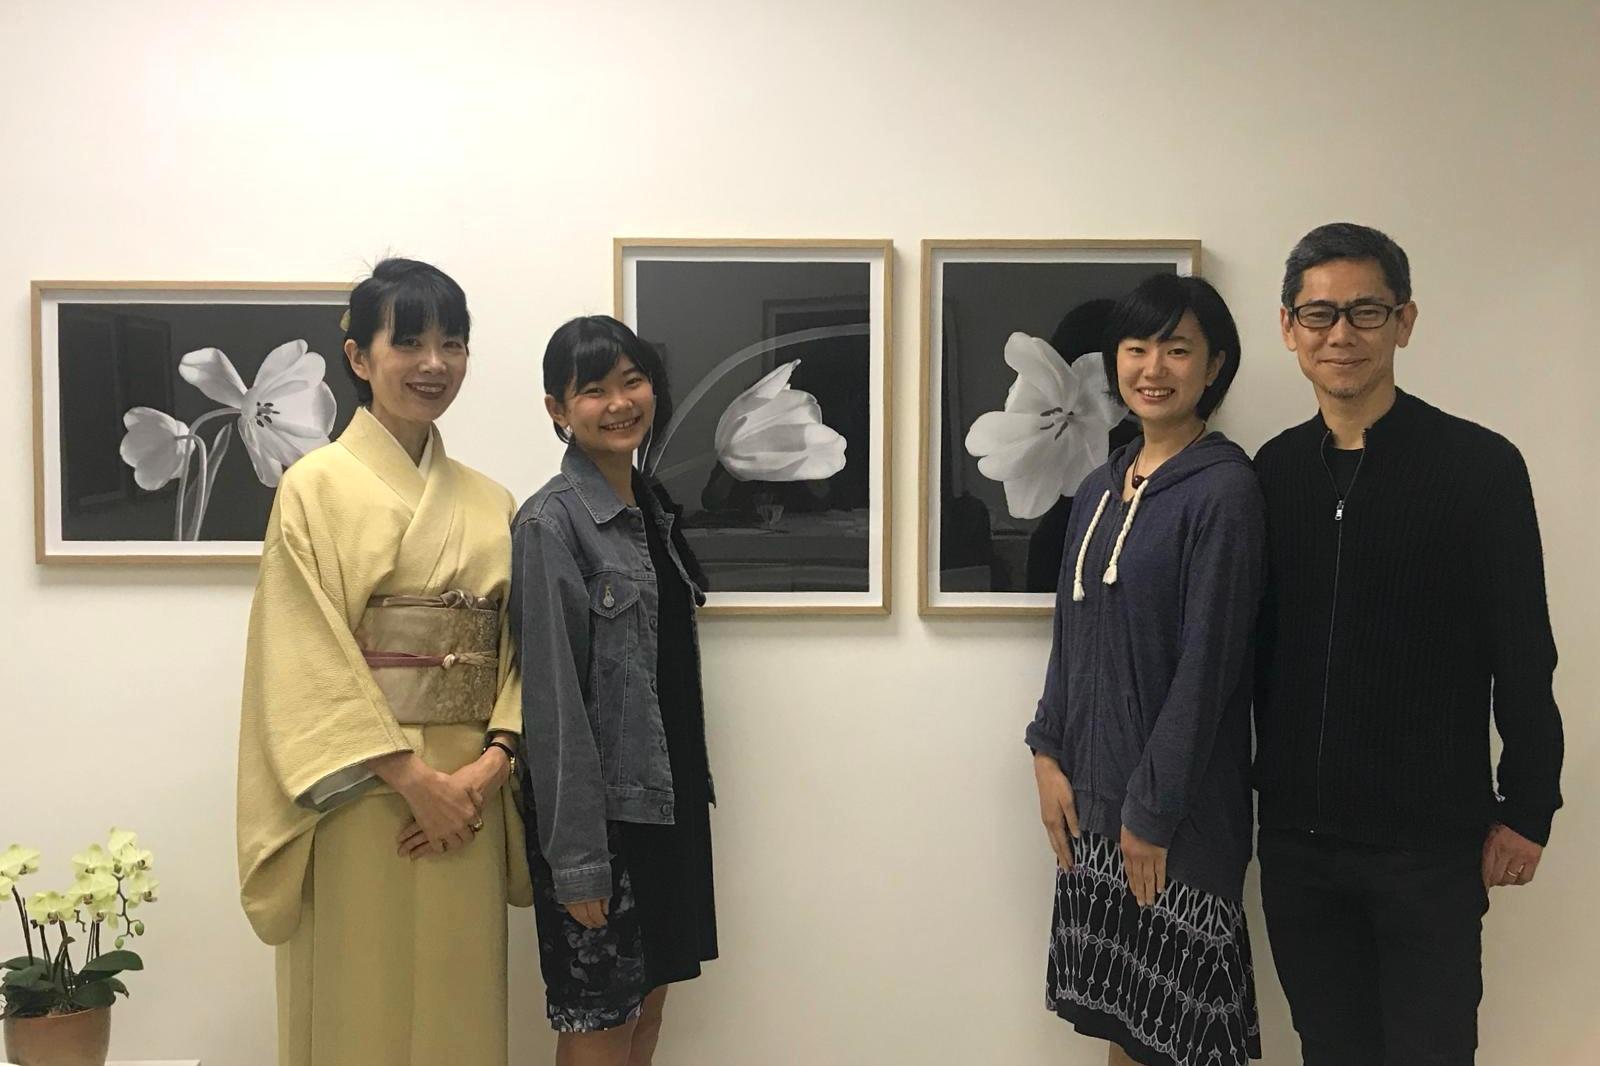 (左起:太太亞希子、次女西村明、長女西村生、西村陽一郎)